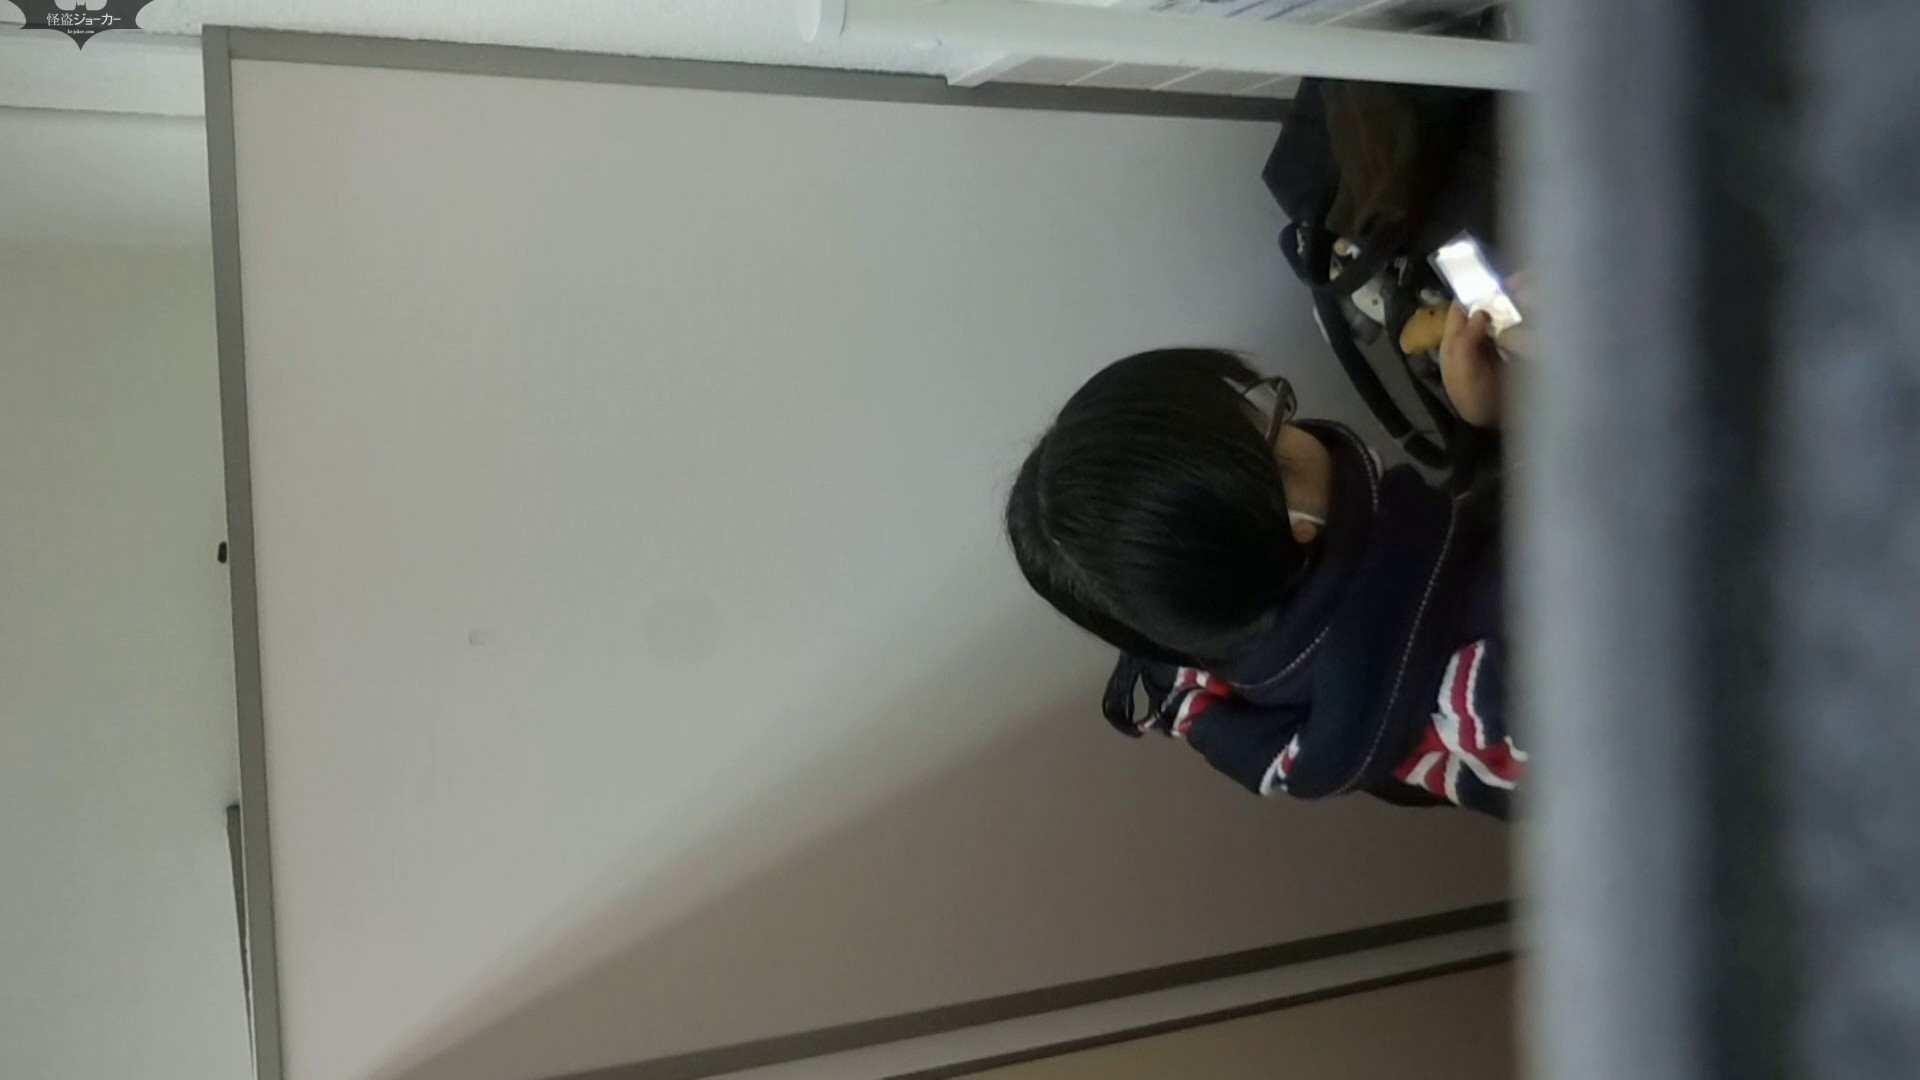 化粧室絵巻 駅舎編 VOL.28 盗撮  87pic 14